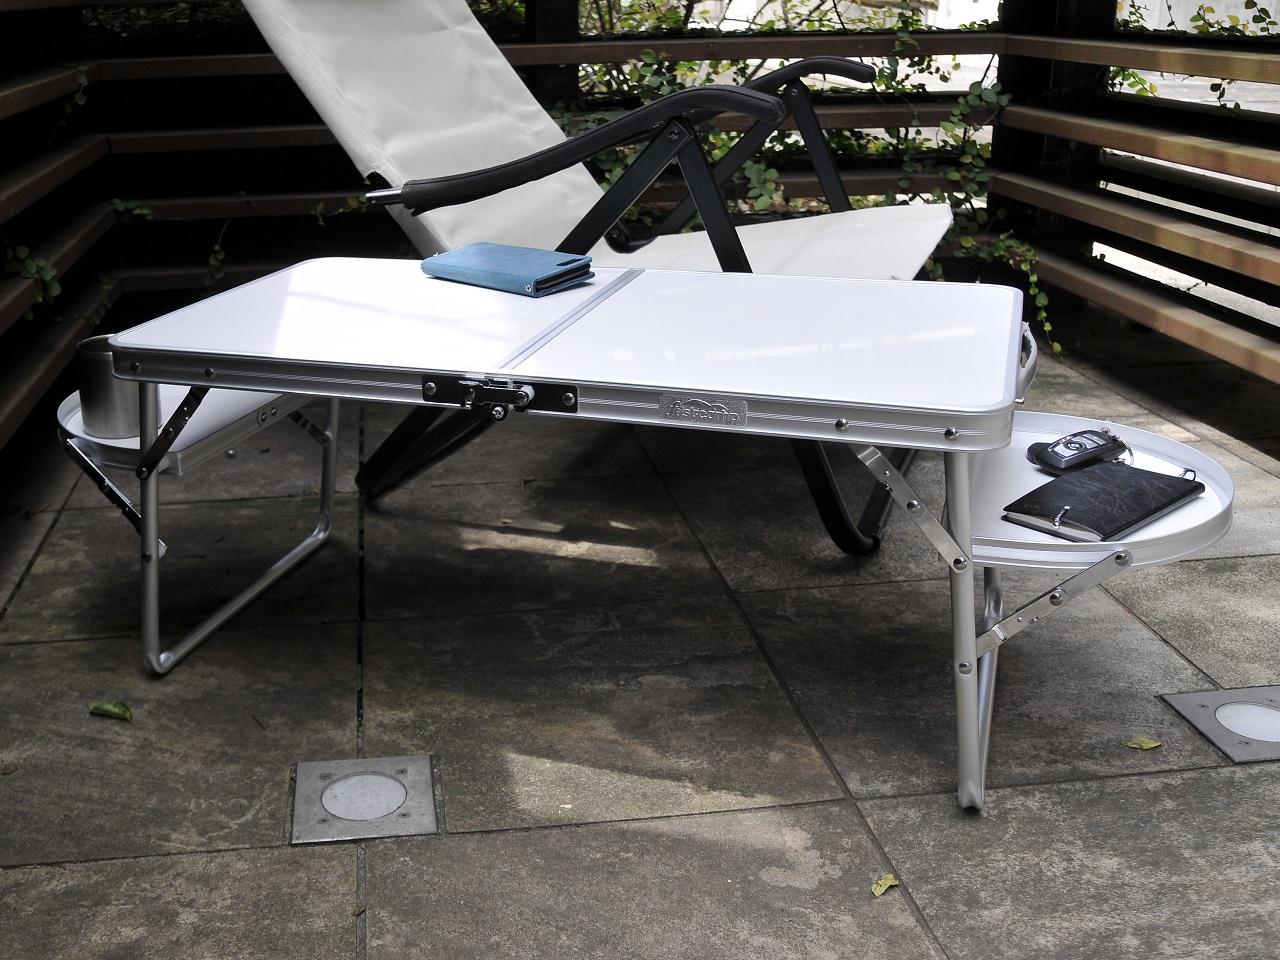 テント内でも外でも使える便利な小型テーブル<Onwayミニウイングテーブル>2